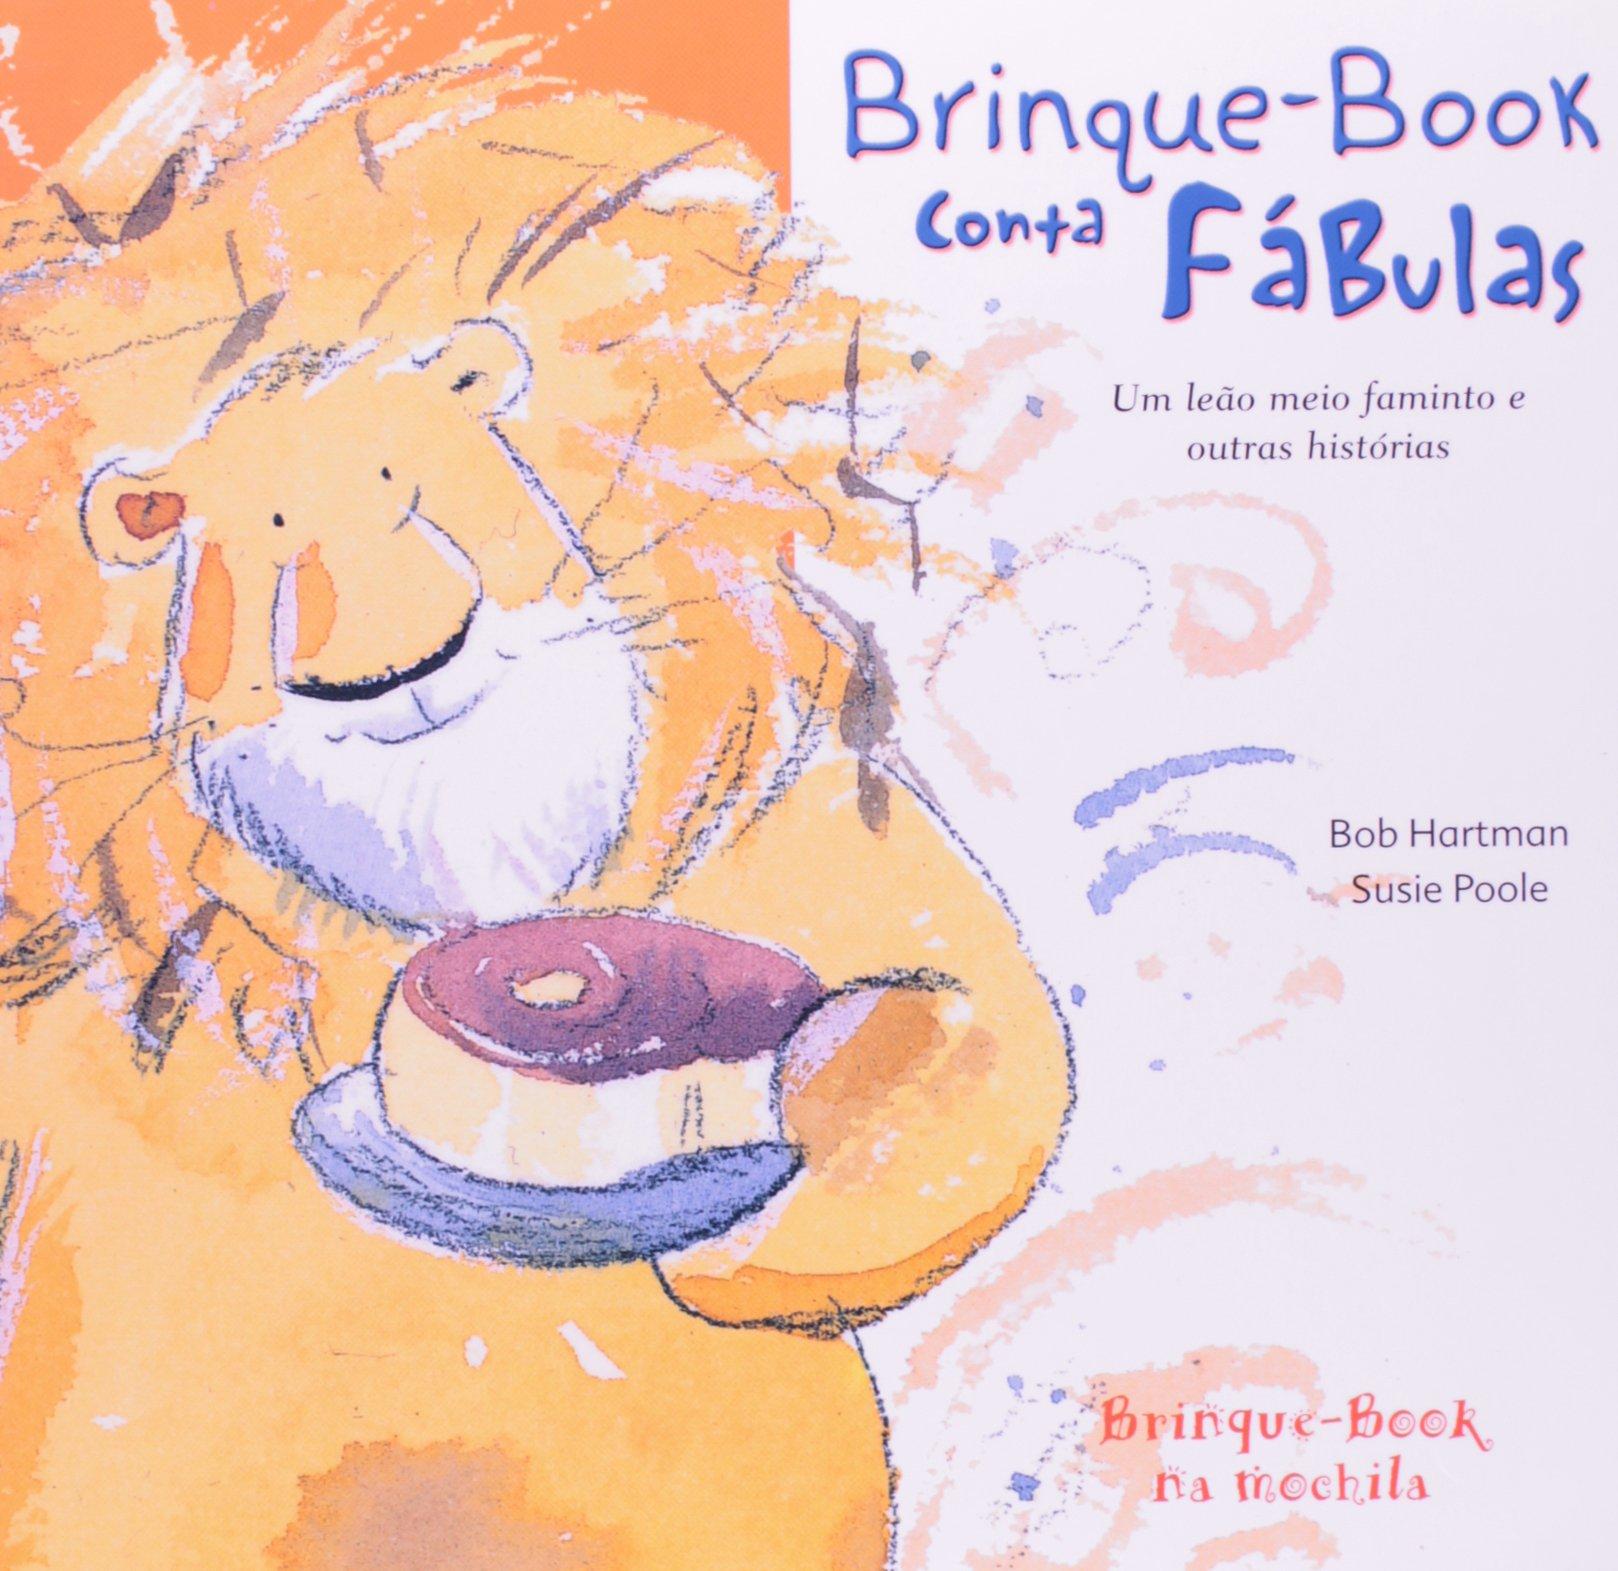 Um Leão Meio Faminto e Outras Histórias (Em Portuguese do Brasil): Bob Hartman: 9788574121512: Amazon.com: Books